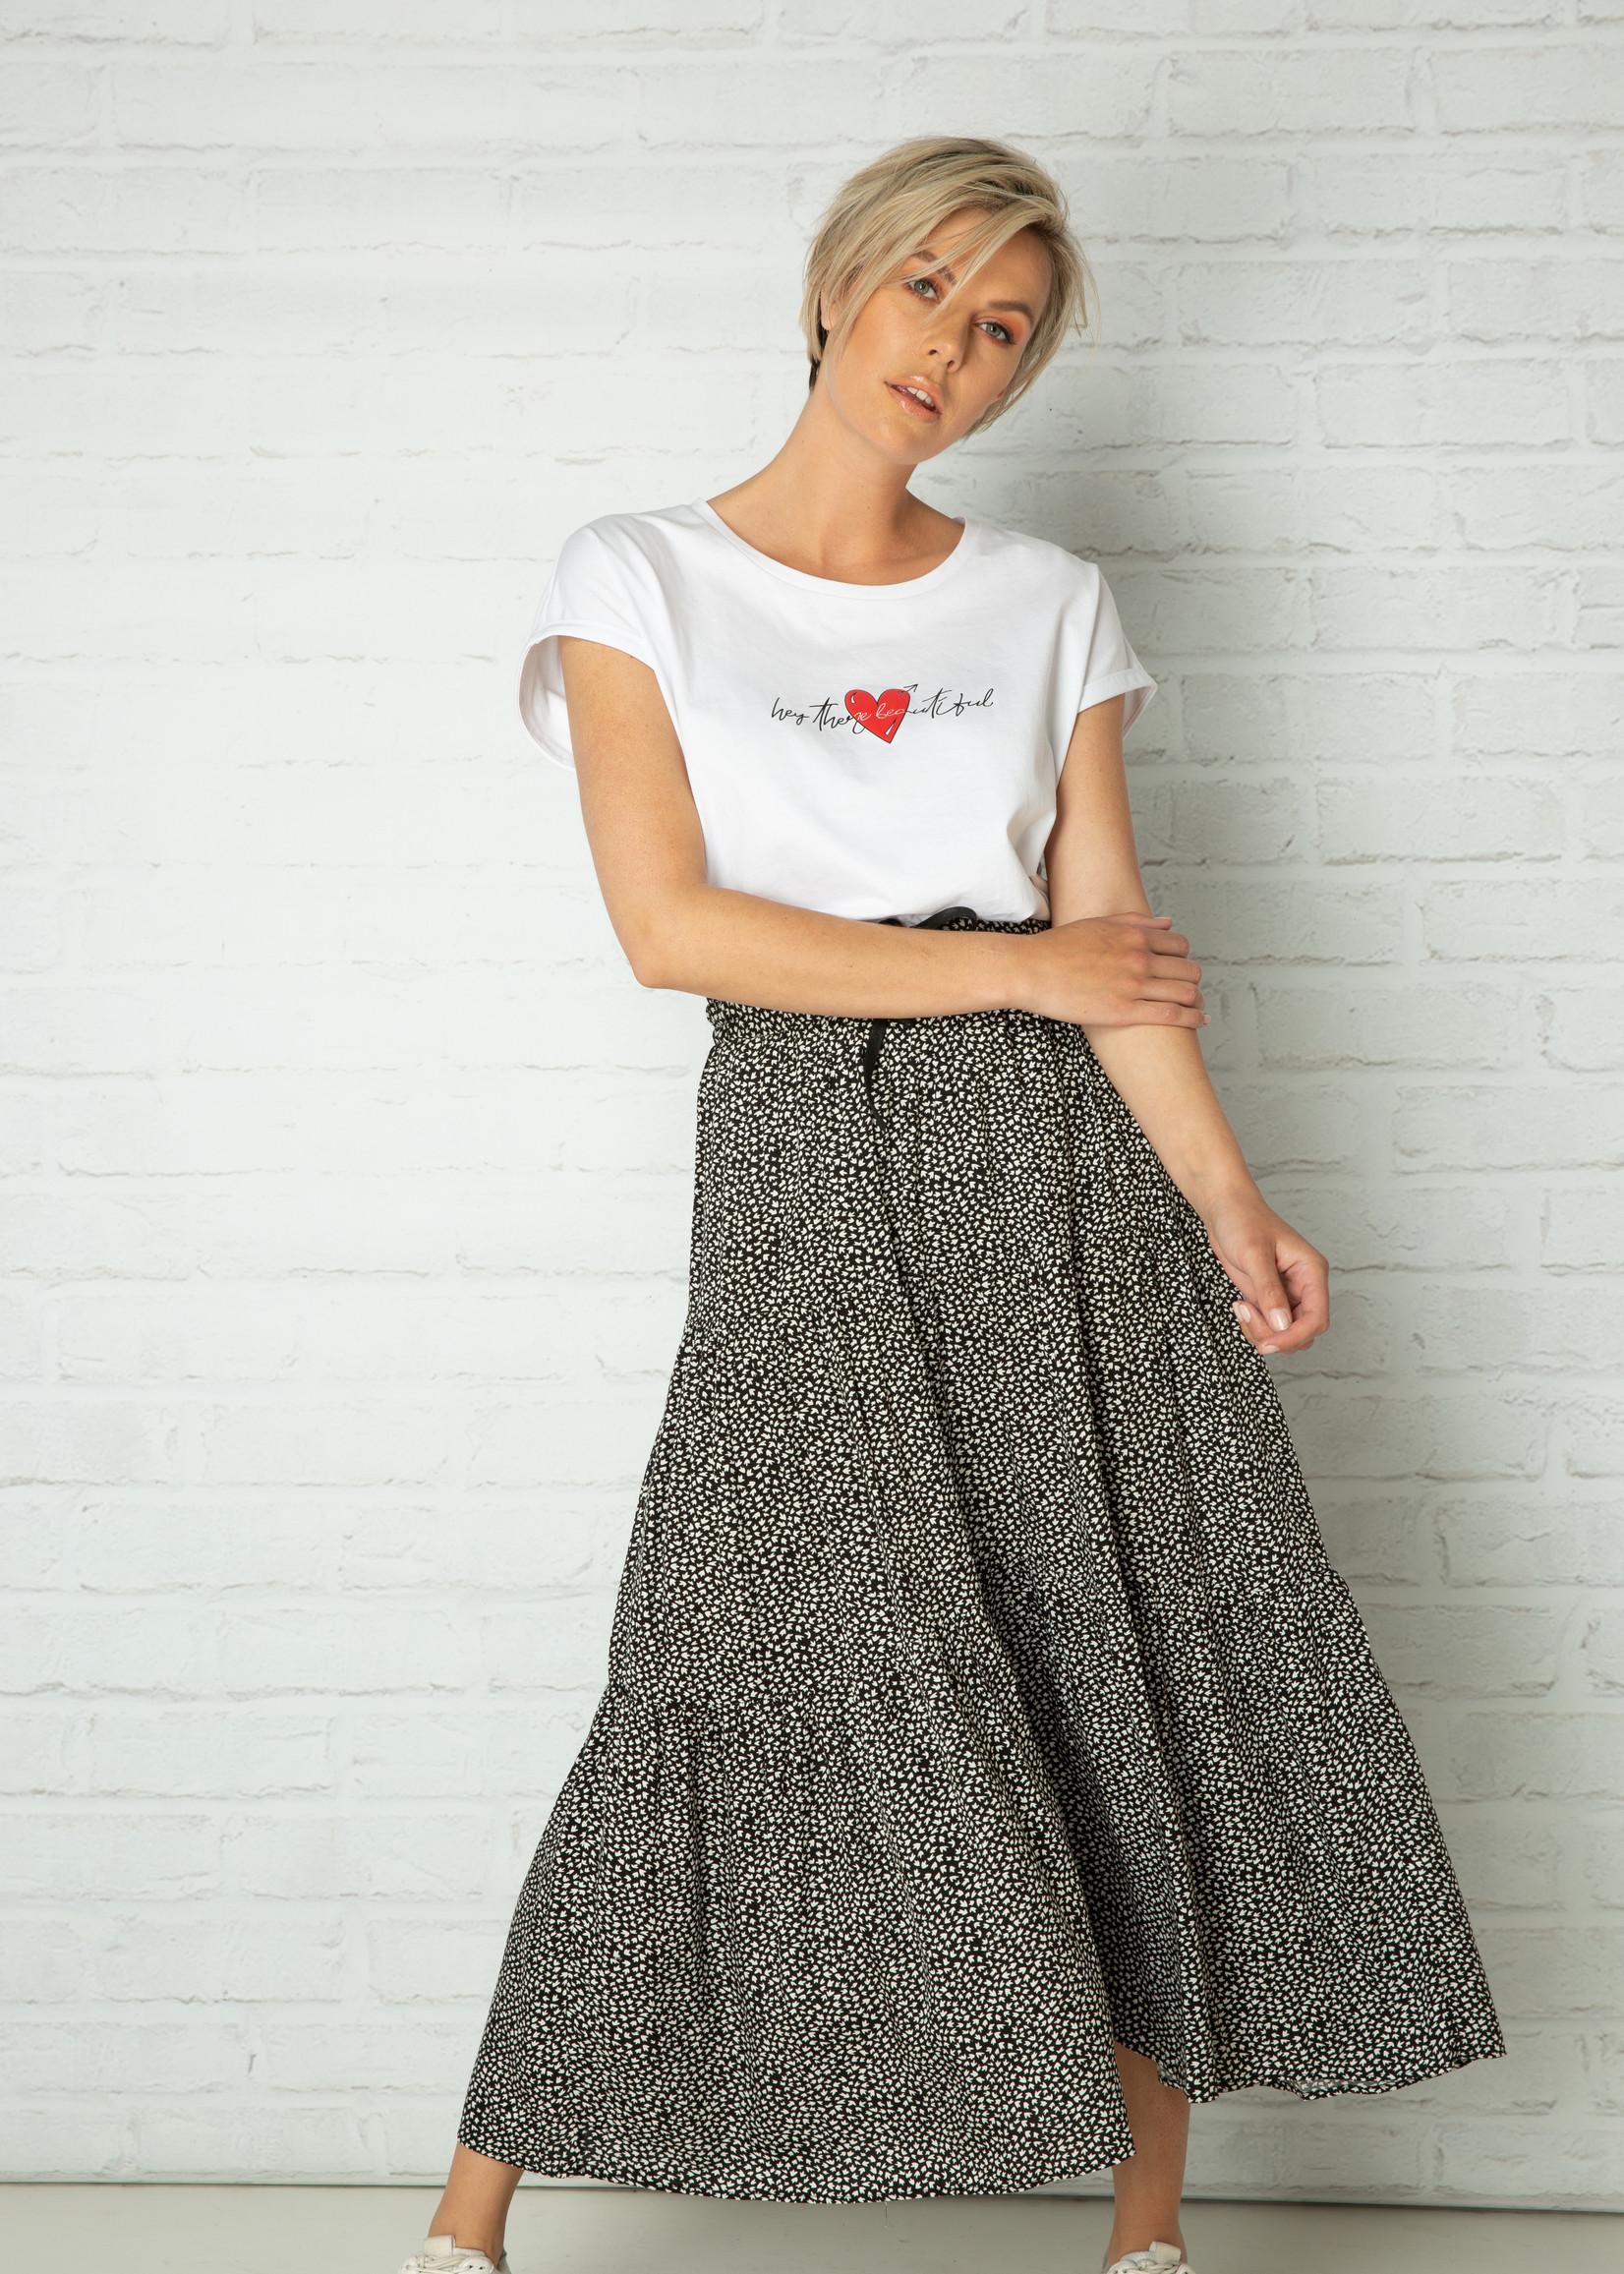 Ivy Beau Ivy Beau Urania Skirt